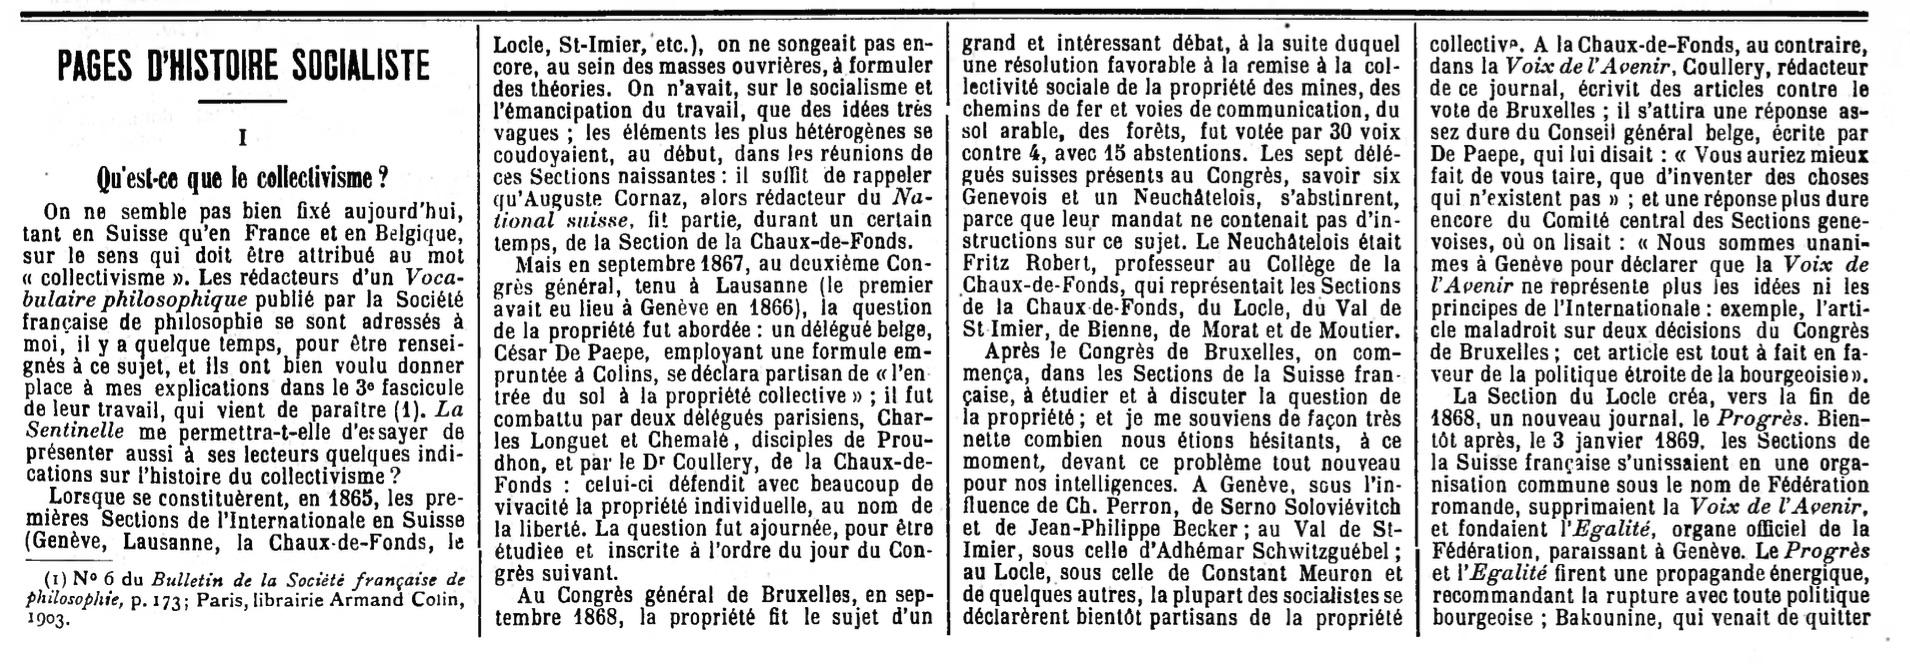 collectivisme1-1903